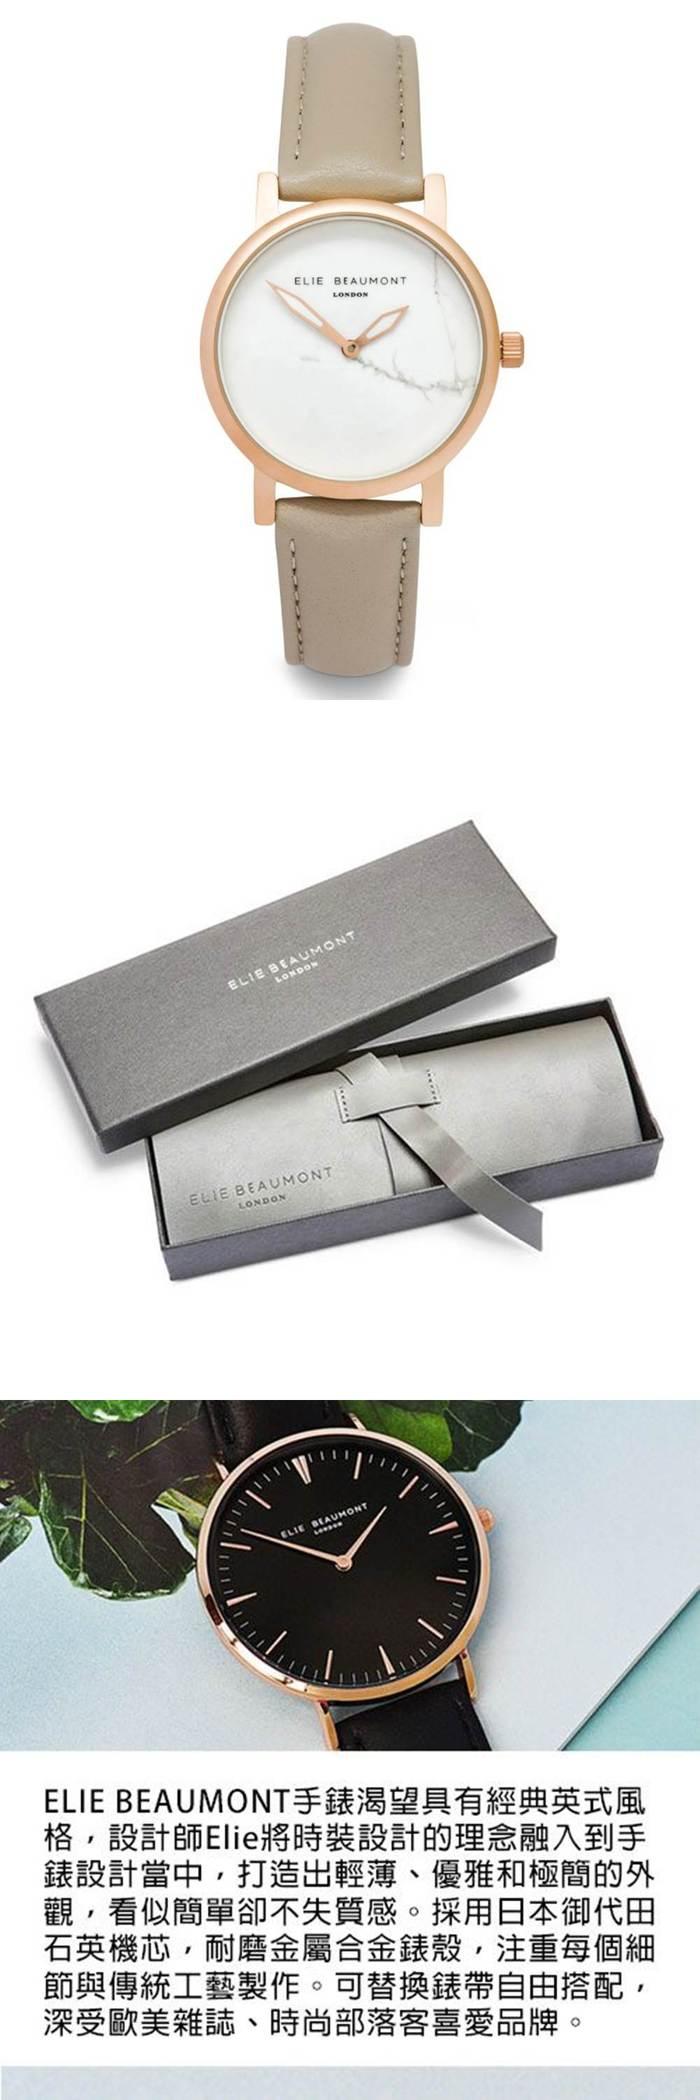 (複製)Elie Beaumont 英國時尚手錶 BAYSWATER系列 白錶盤x玫瑰金錶框米蘭錶帶28mm